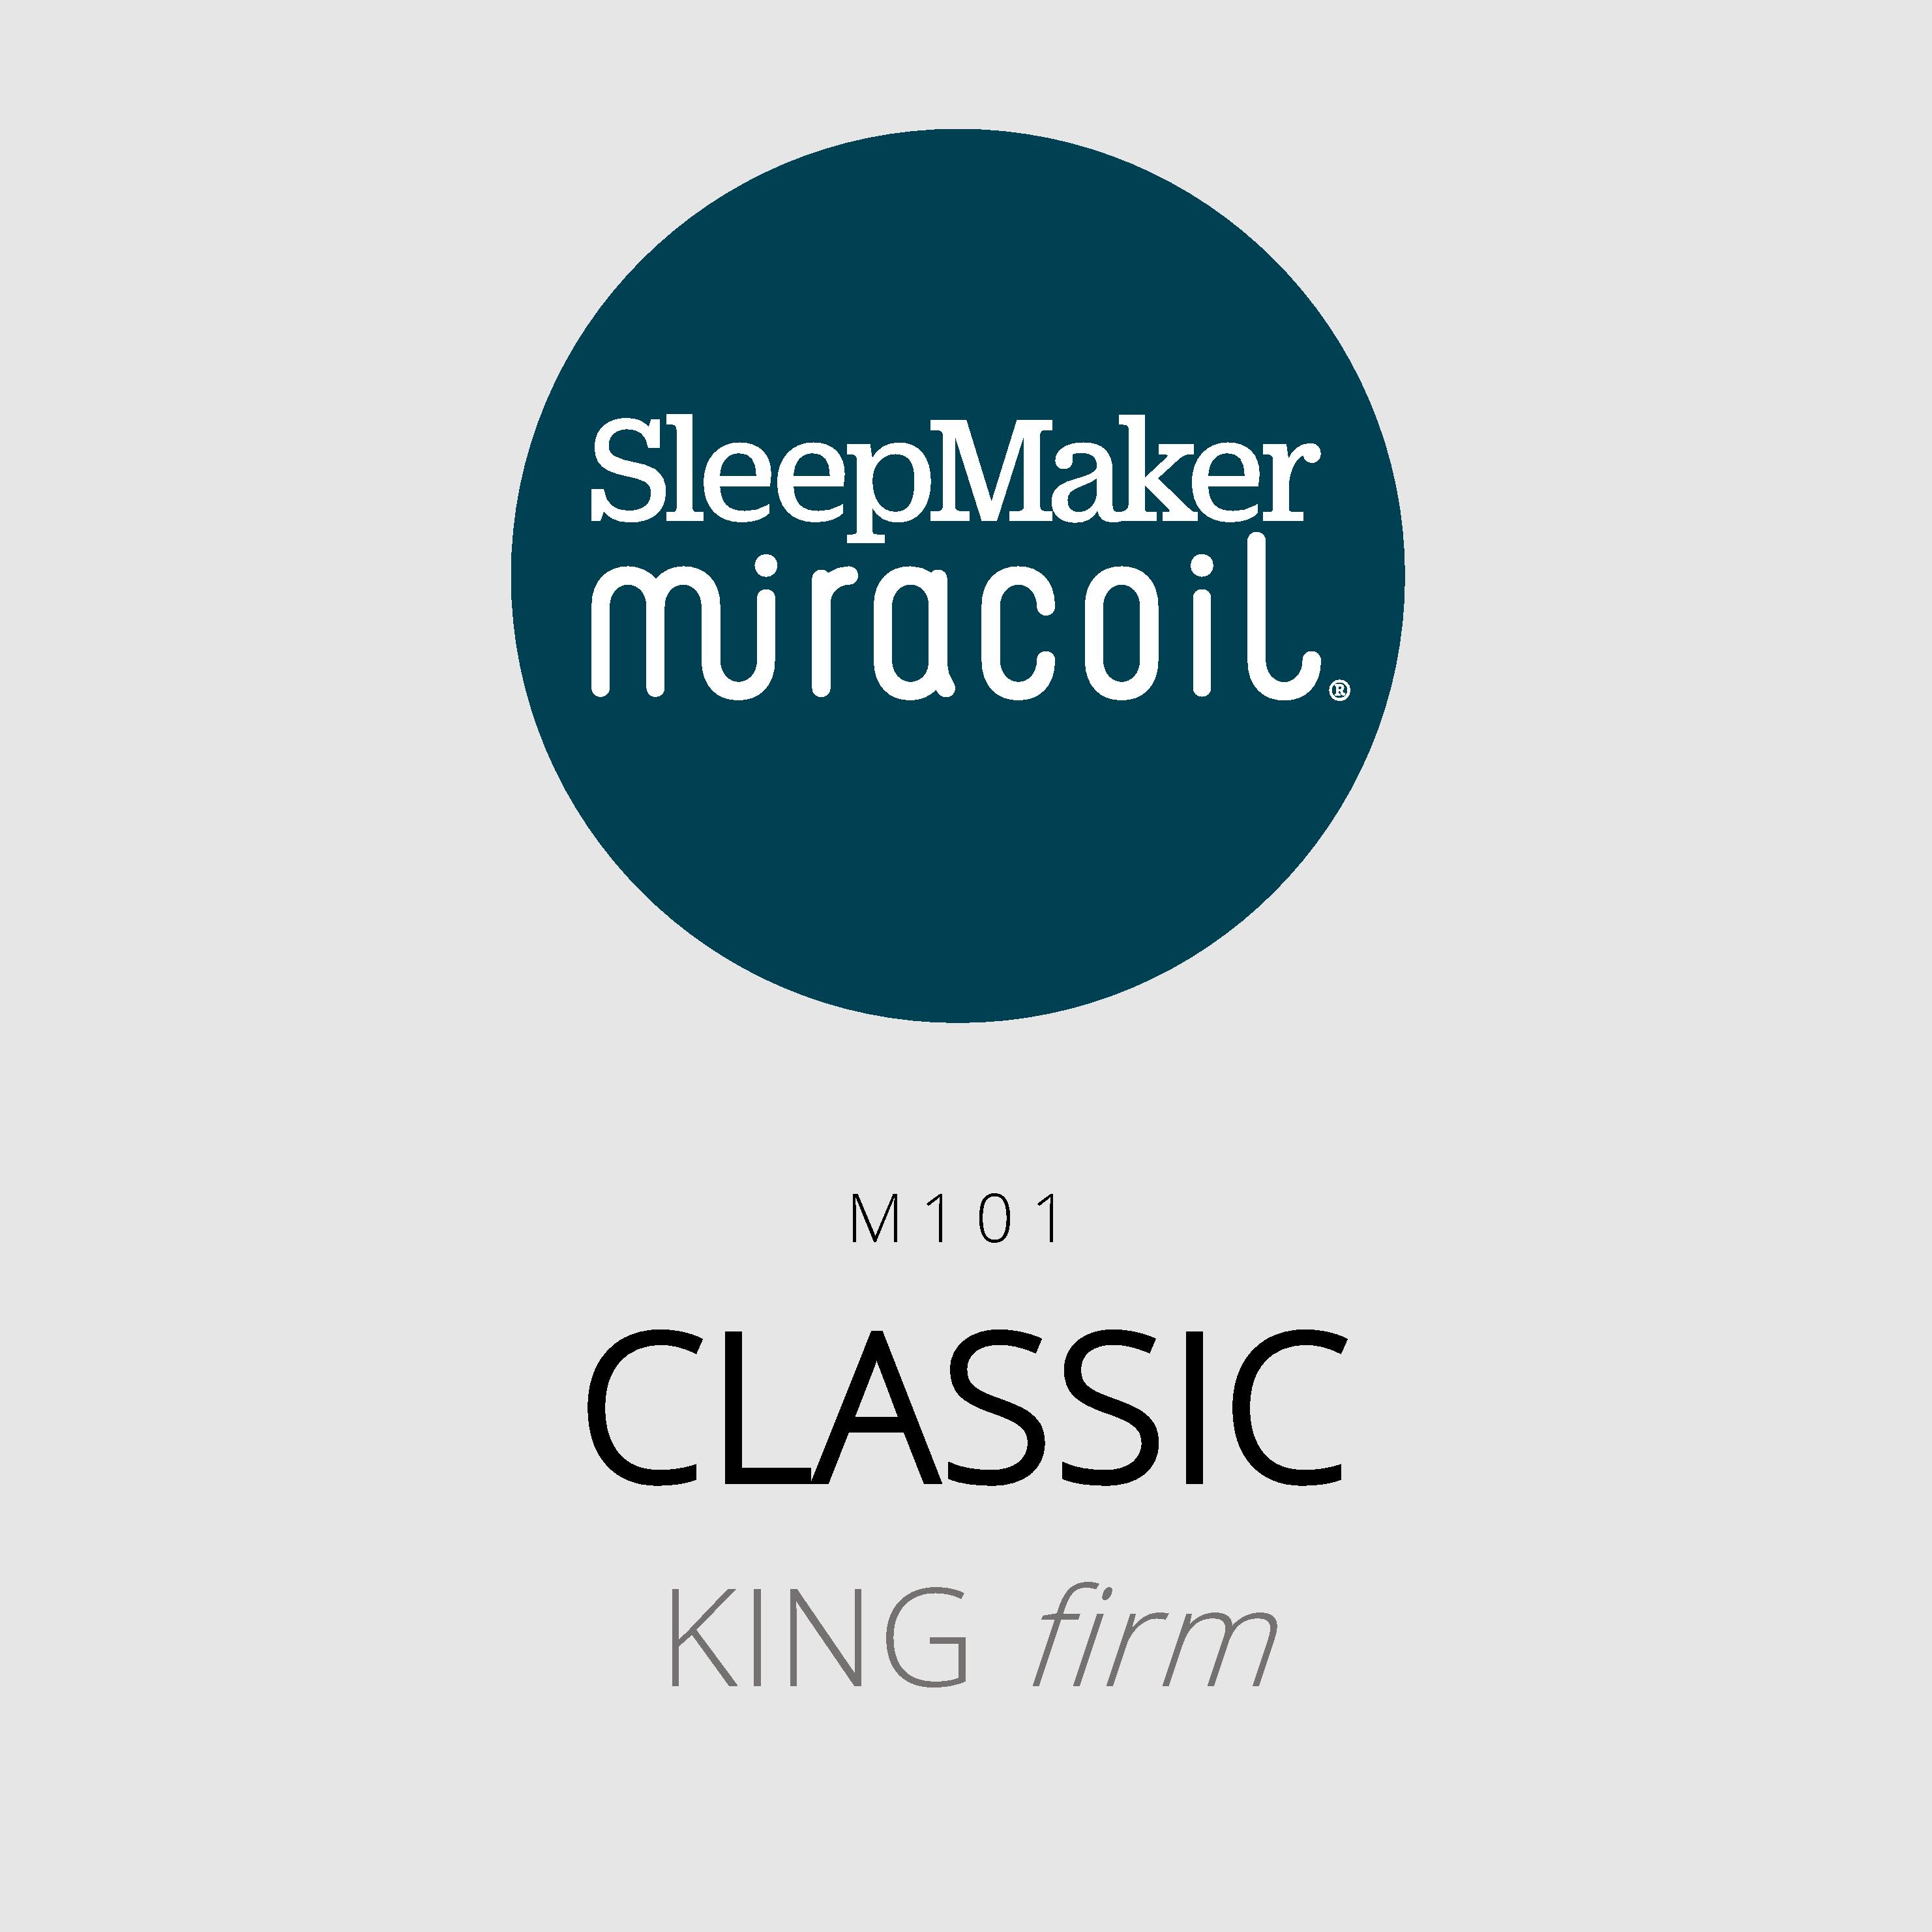 SleepMaker Miracoil – Classic – M101 – King Firm Mattress